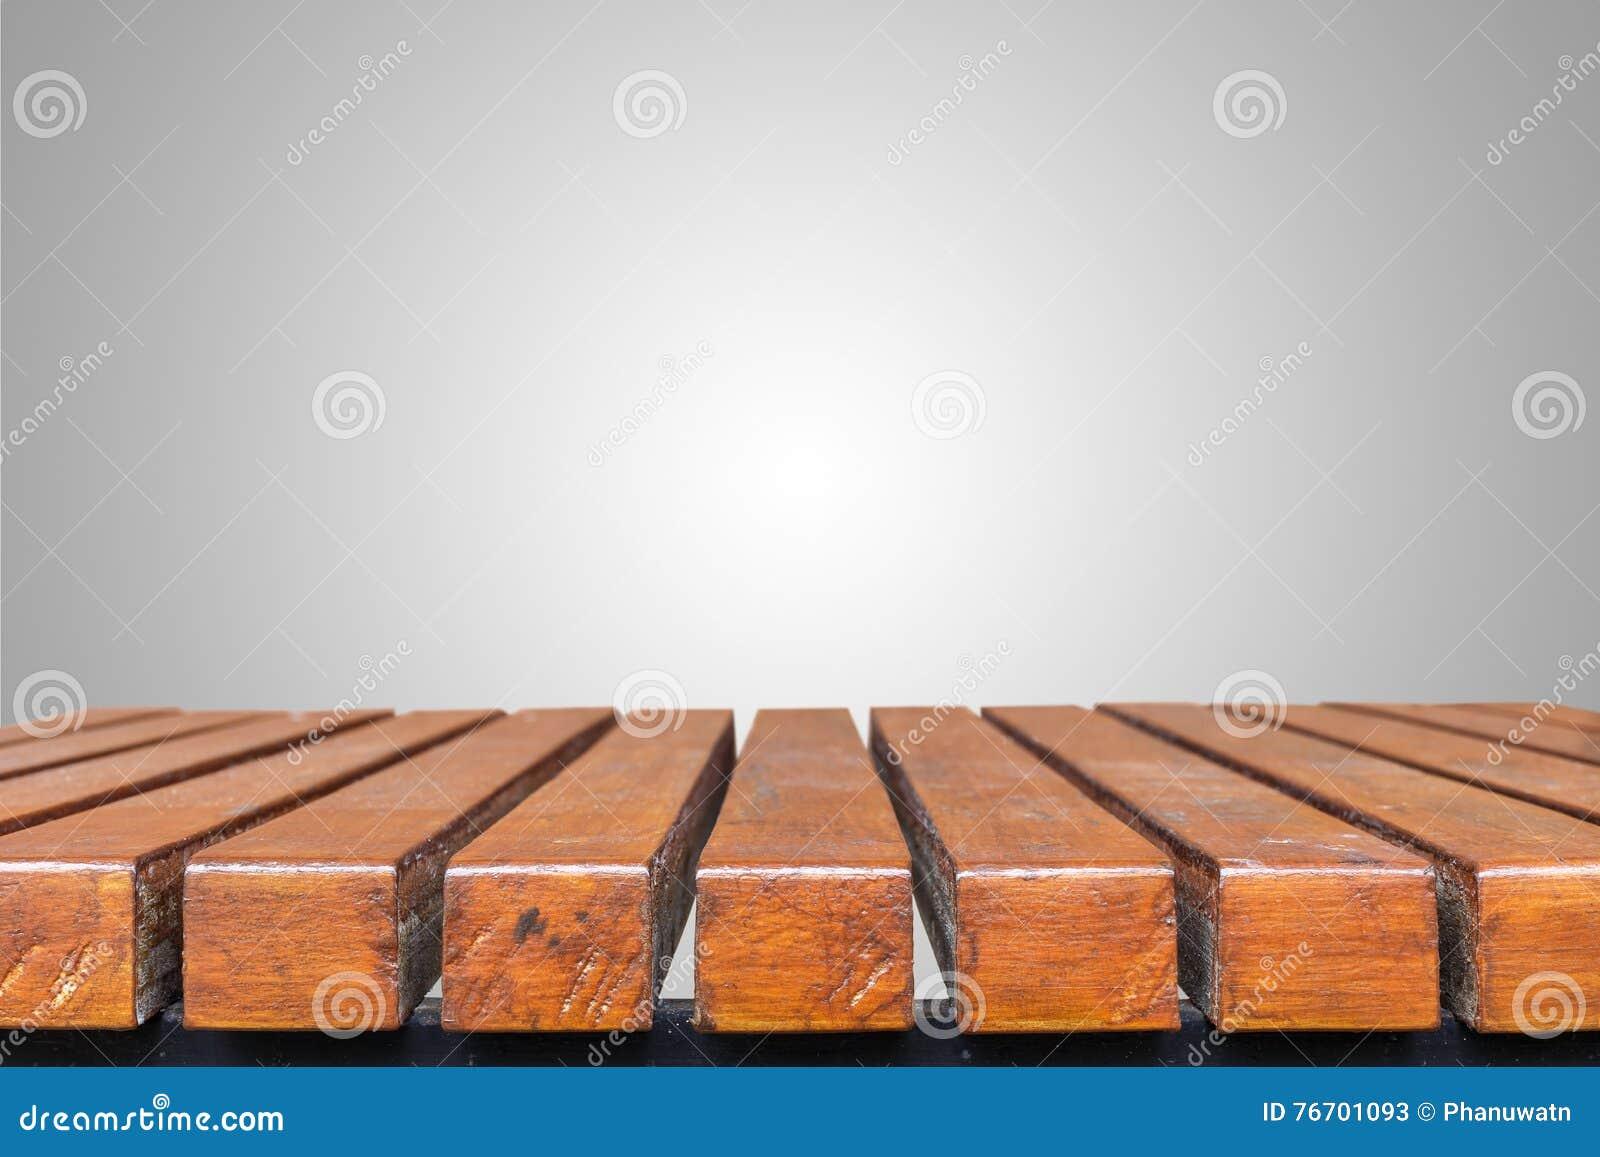 Träskrivbord eller tabell isolerat tomt grå färgutrymme för design